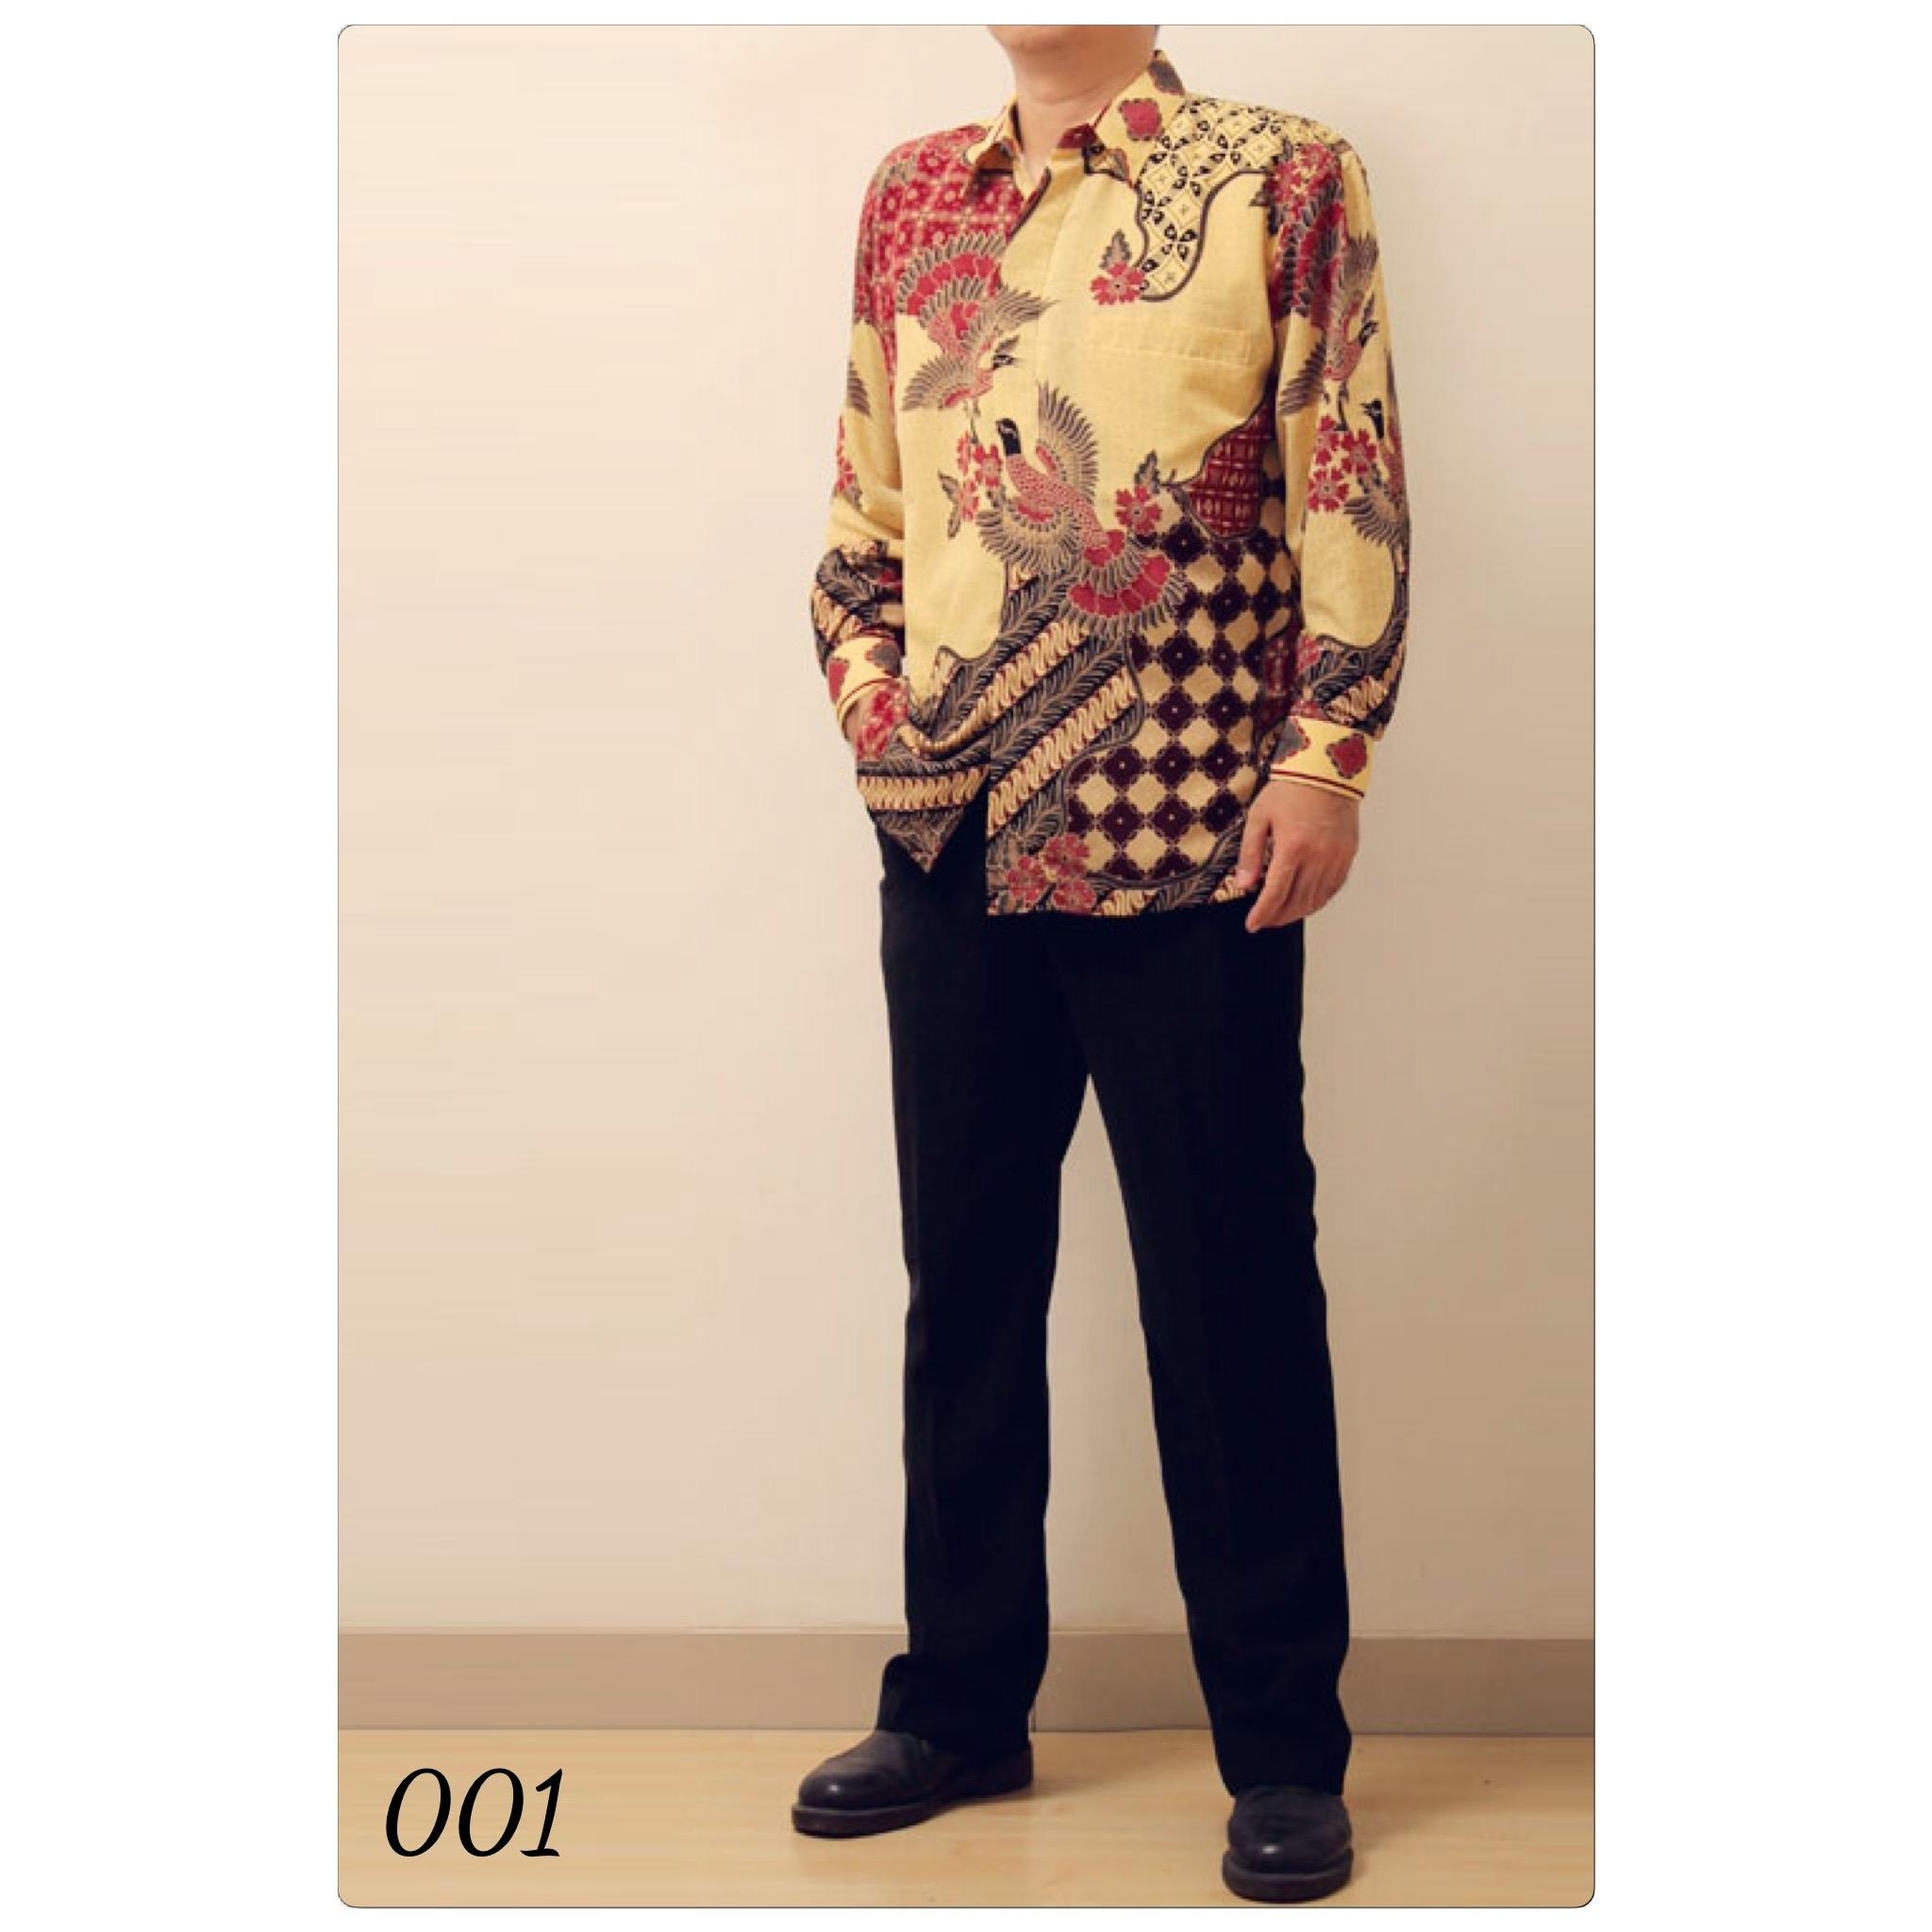 Baju Batik Lengan Panjang Pria Terbaru dengan Motif Tradisional